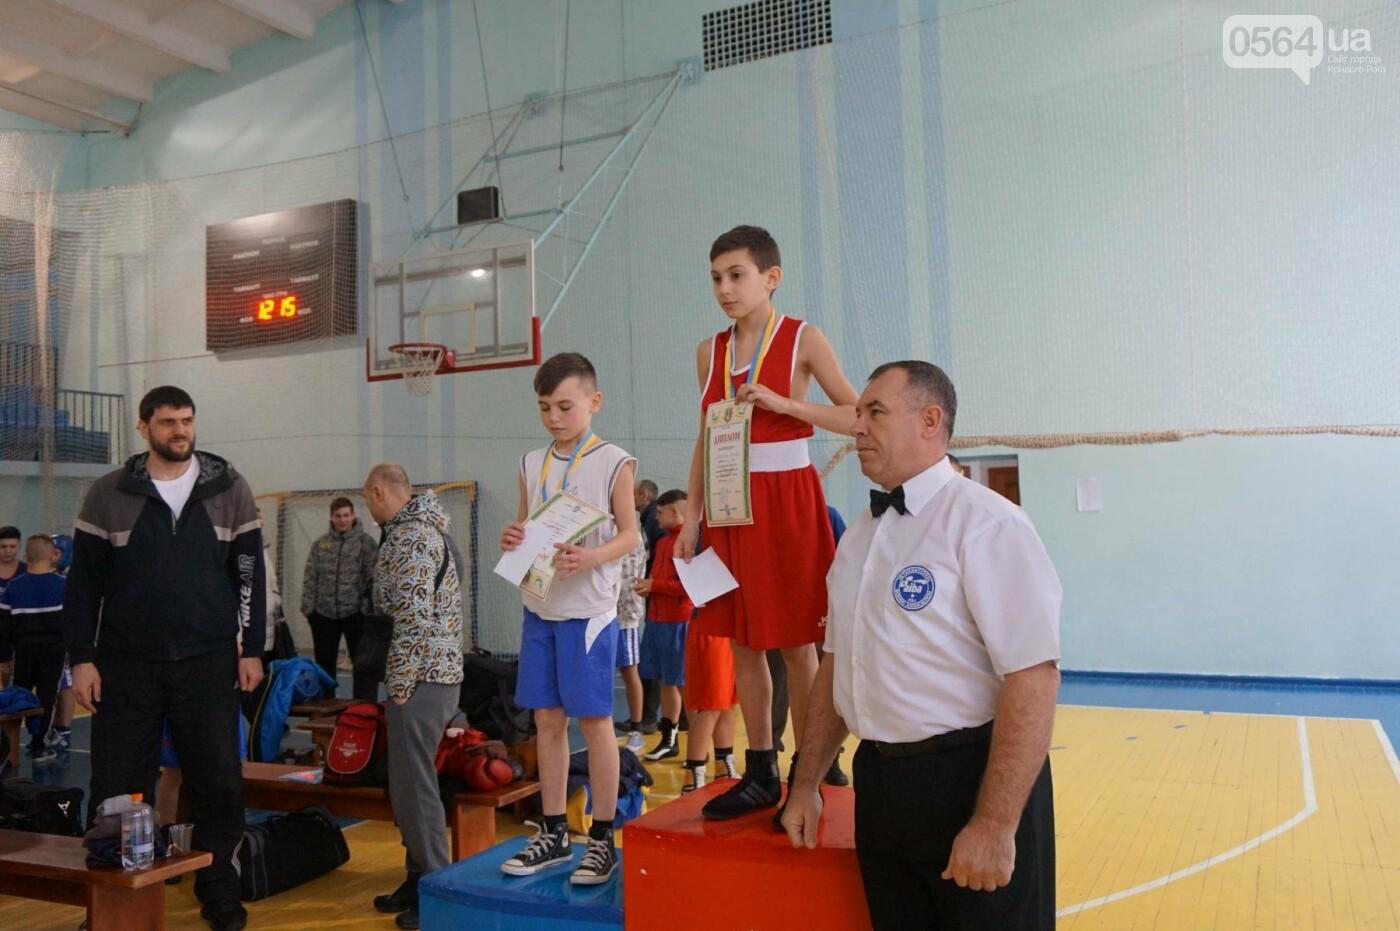 В Кривом Роге состоялся Международный турнир по боксу (ФОТО, ВИДЕО), фото-26